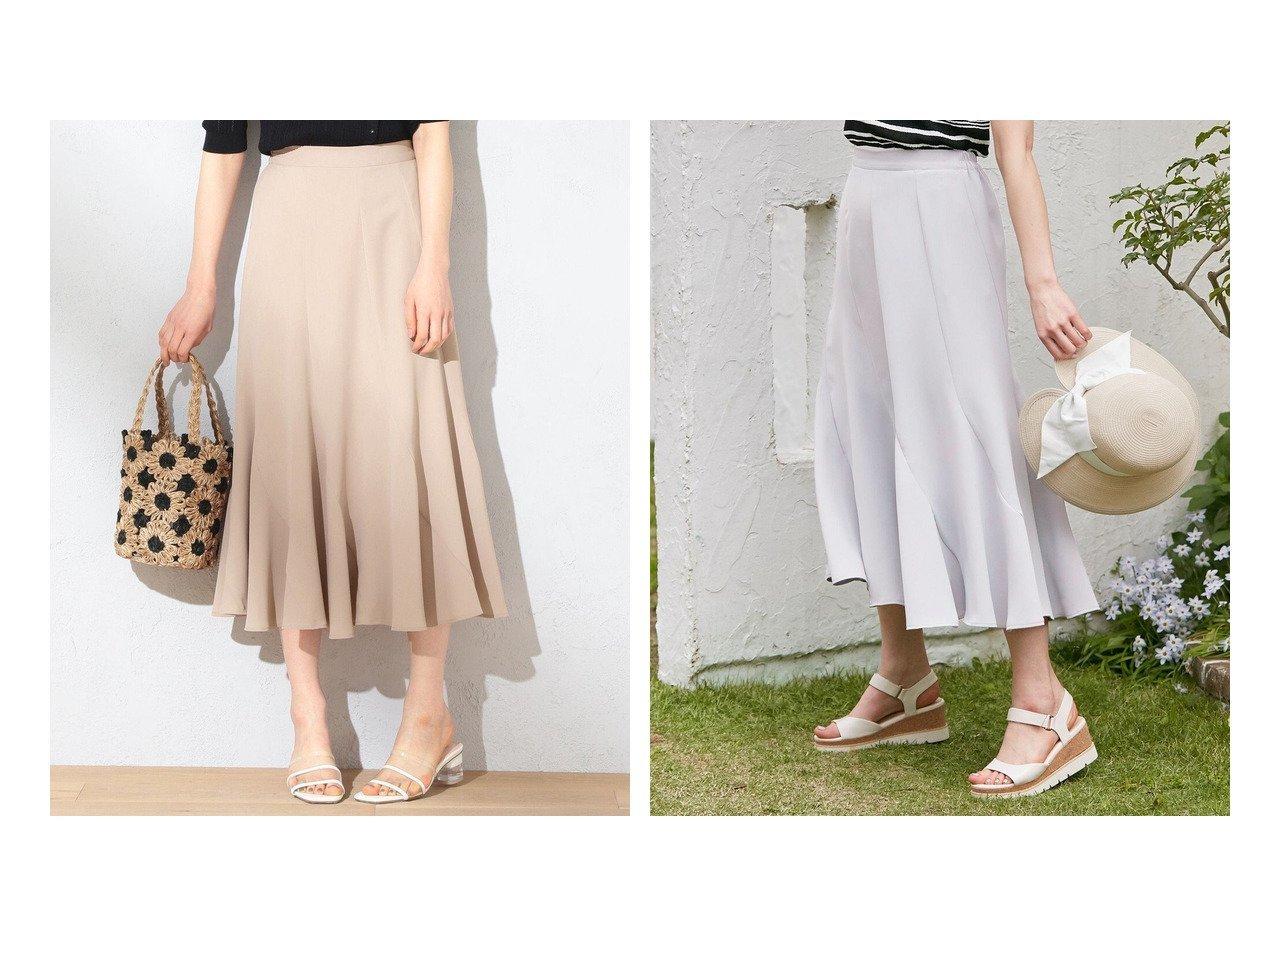 【Feroux/フェルゥ】の【洗える】マットサテン スカート 【スカート】おすすめ!人気、トレンド・レディースファッションの通販 おすすめで人気の流行・トレンド、ファッションの通販商品 インテリア・家具・メンズファッション・キッズファッション・レディースファッション・服の通販 founy(ファニー) https://founy.com/ ファッション Fashion レディースファッション WOMEN スカート Skirt 送料無料 Free Shipping サテン シンプル トレンド フェミニン マーメイド 洗える 無地 |ID:crp329100000049407